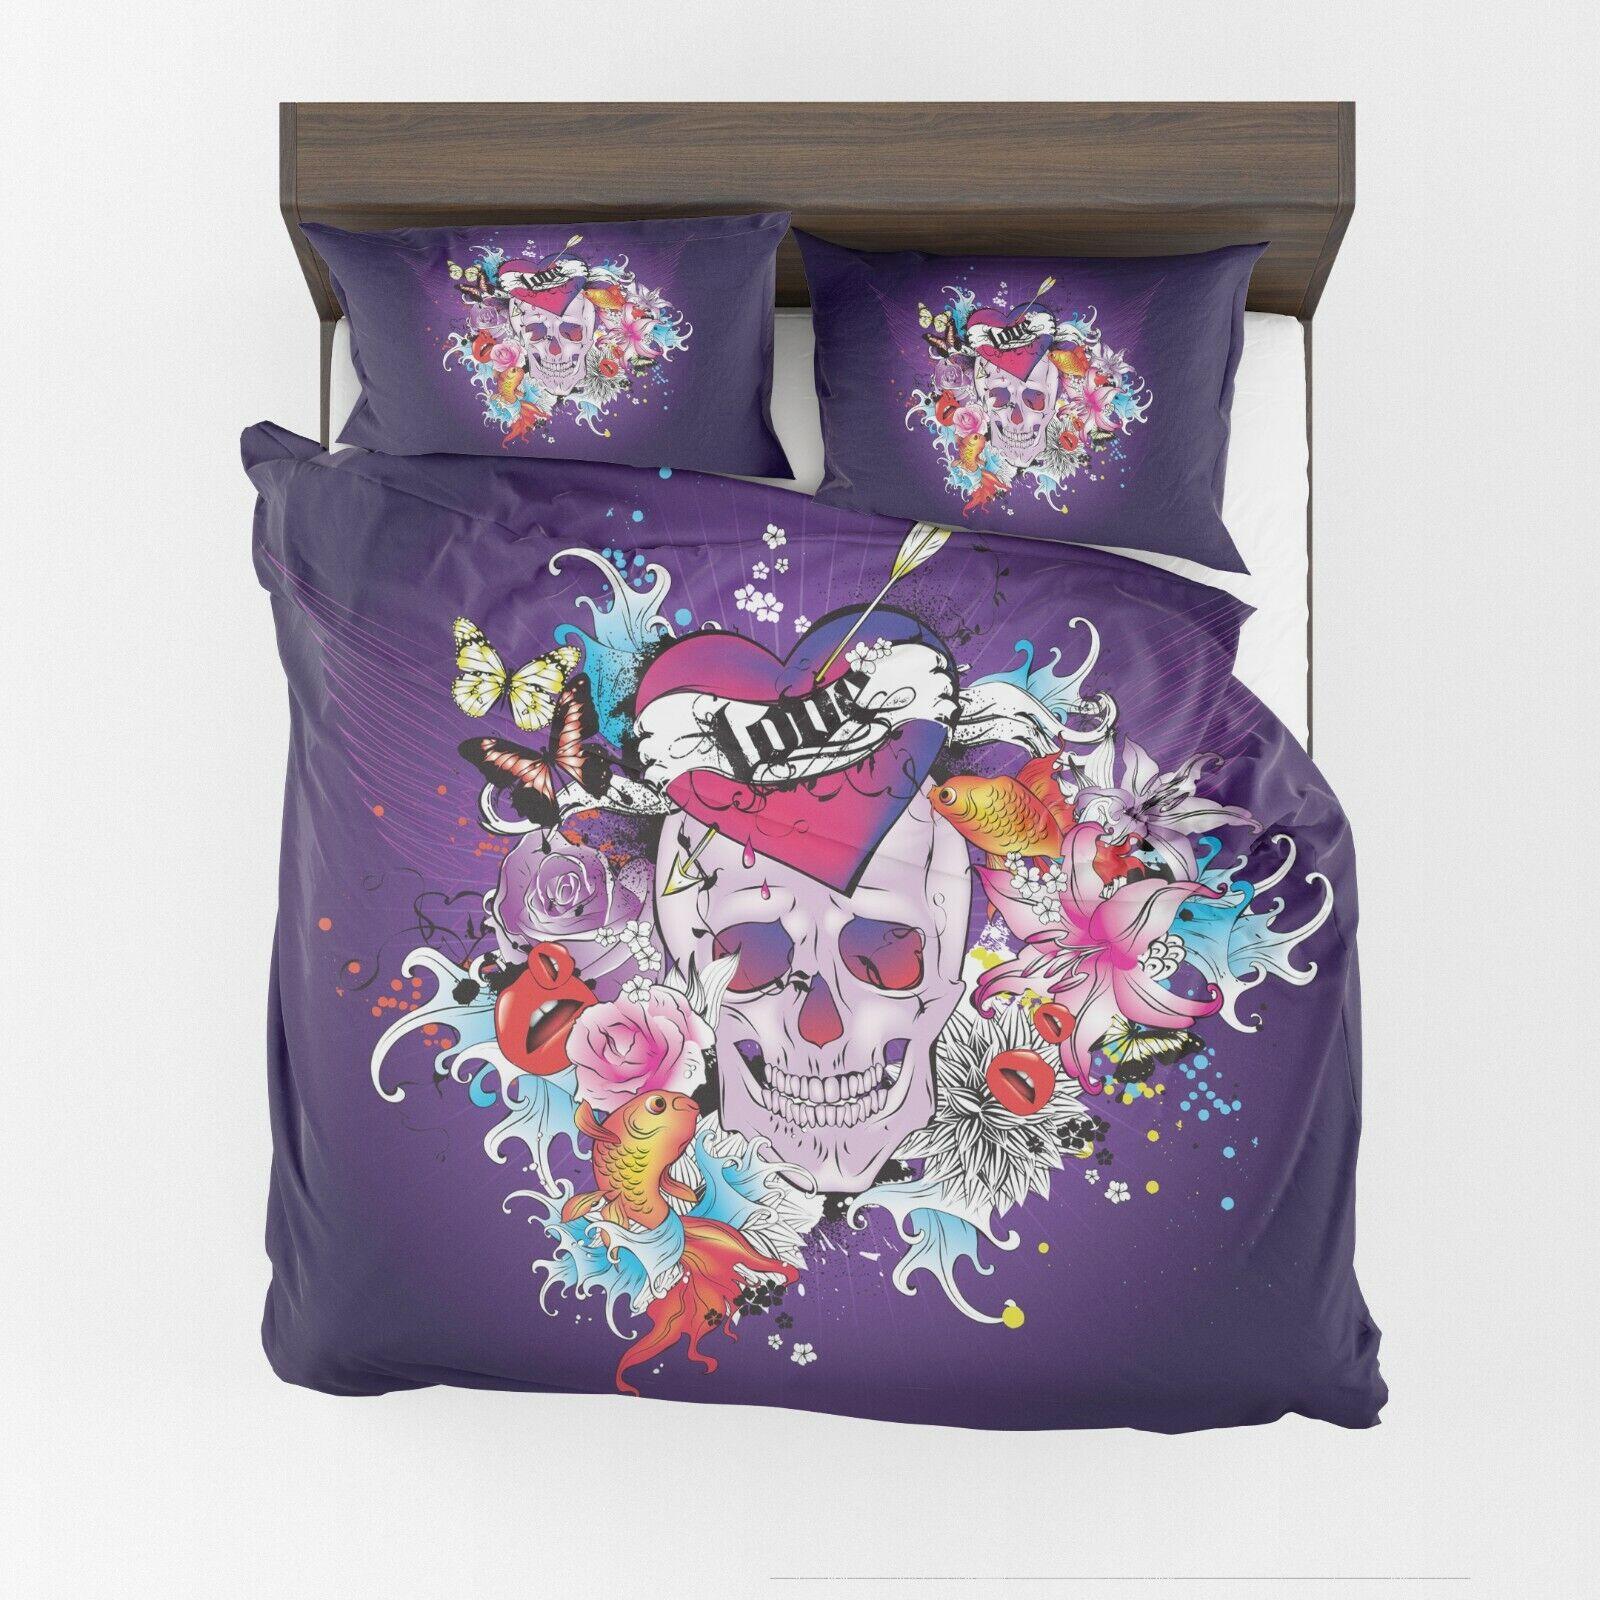 Skulls Duvet Cover or Comforter lila bedding twin Queen King skulls bedroom